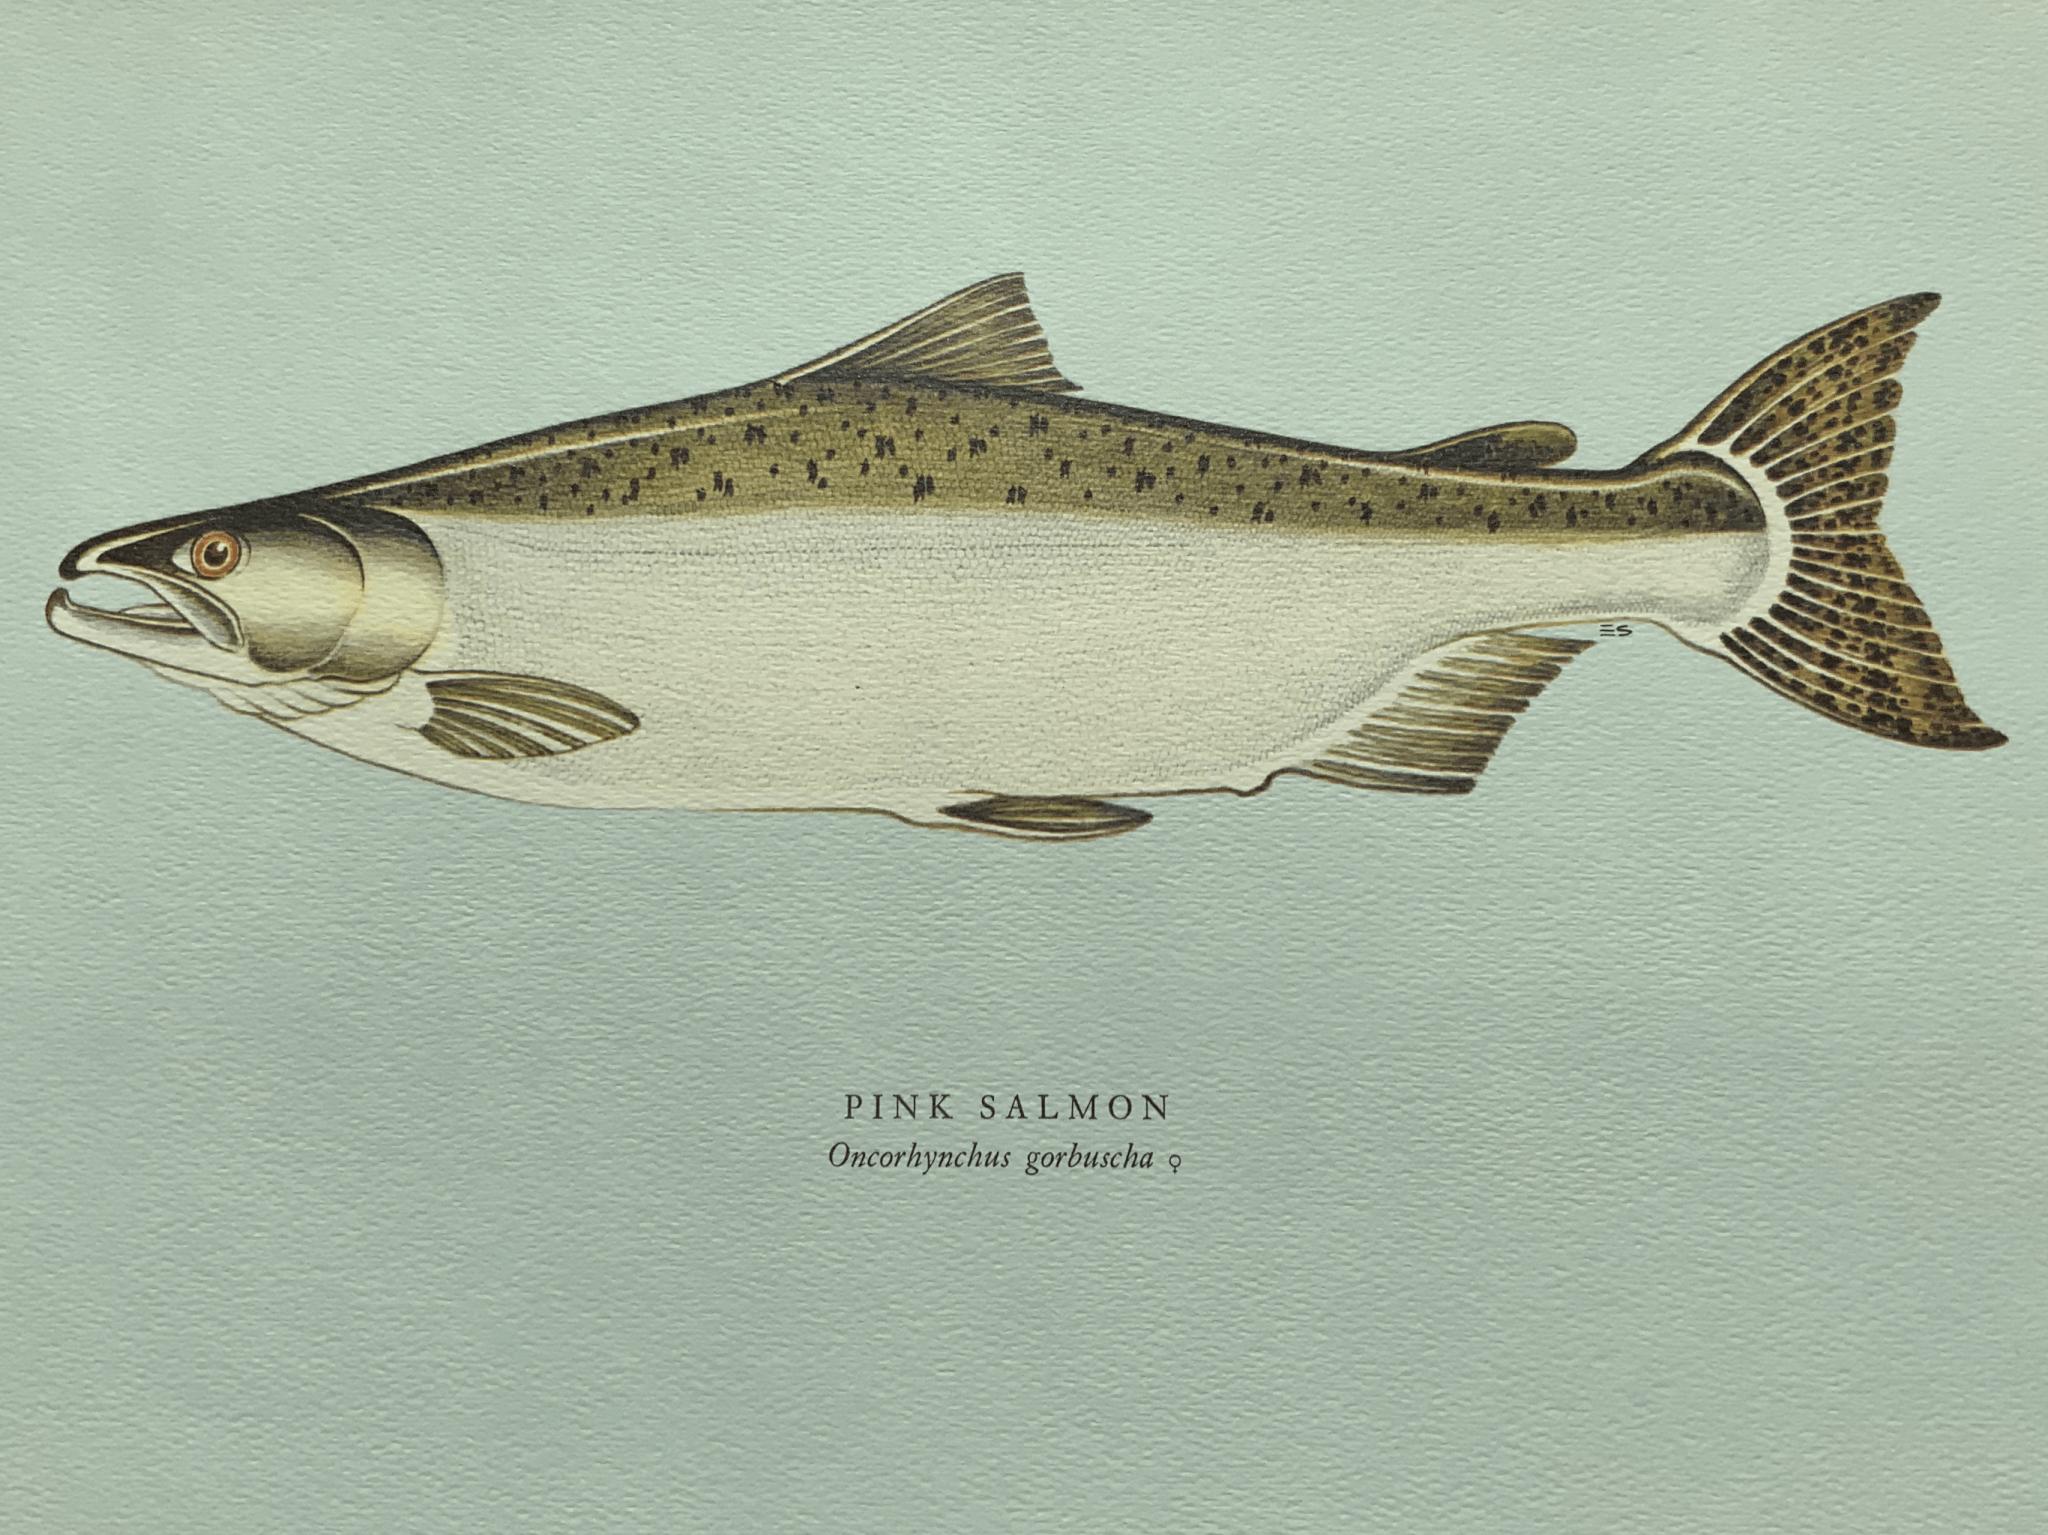 Pink salmon 粉紅鮭魚 粉紅鮭魚是太平洋品種之中最細小的一類,一般體長二十吋,體重三磅。